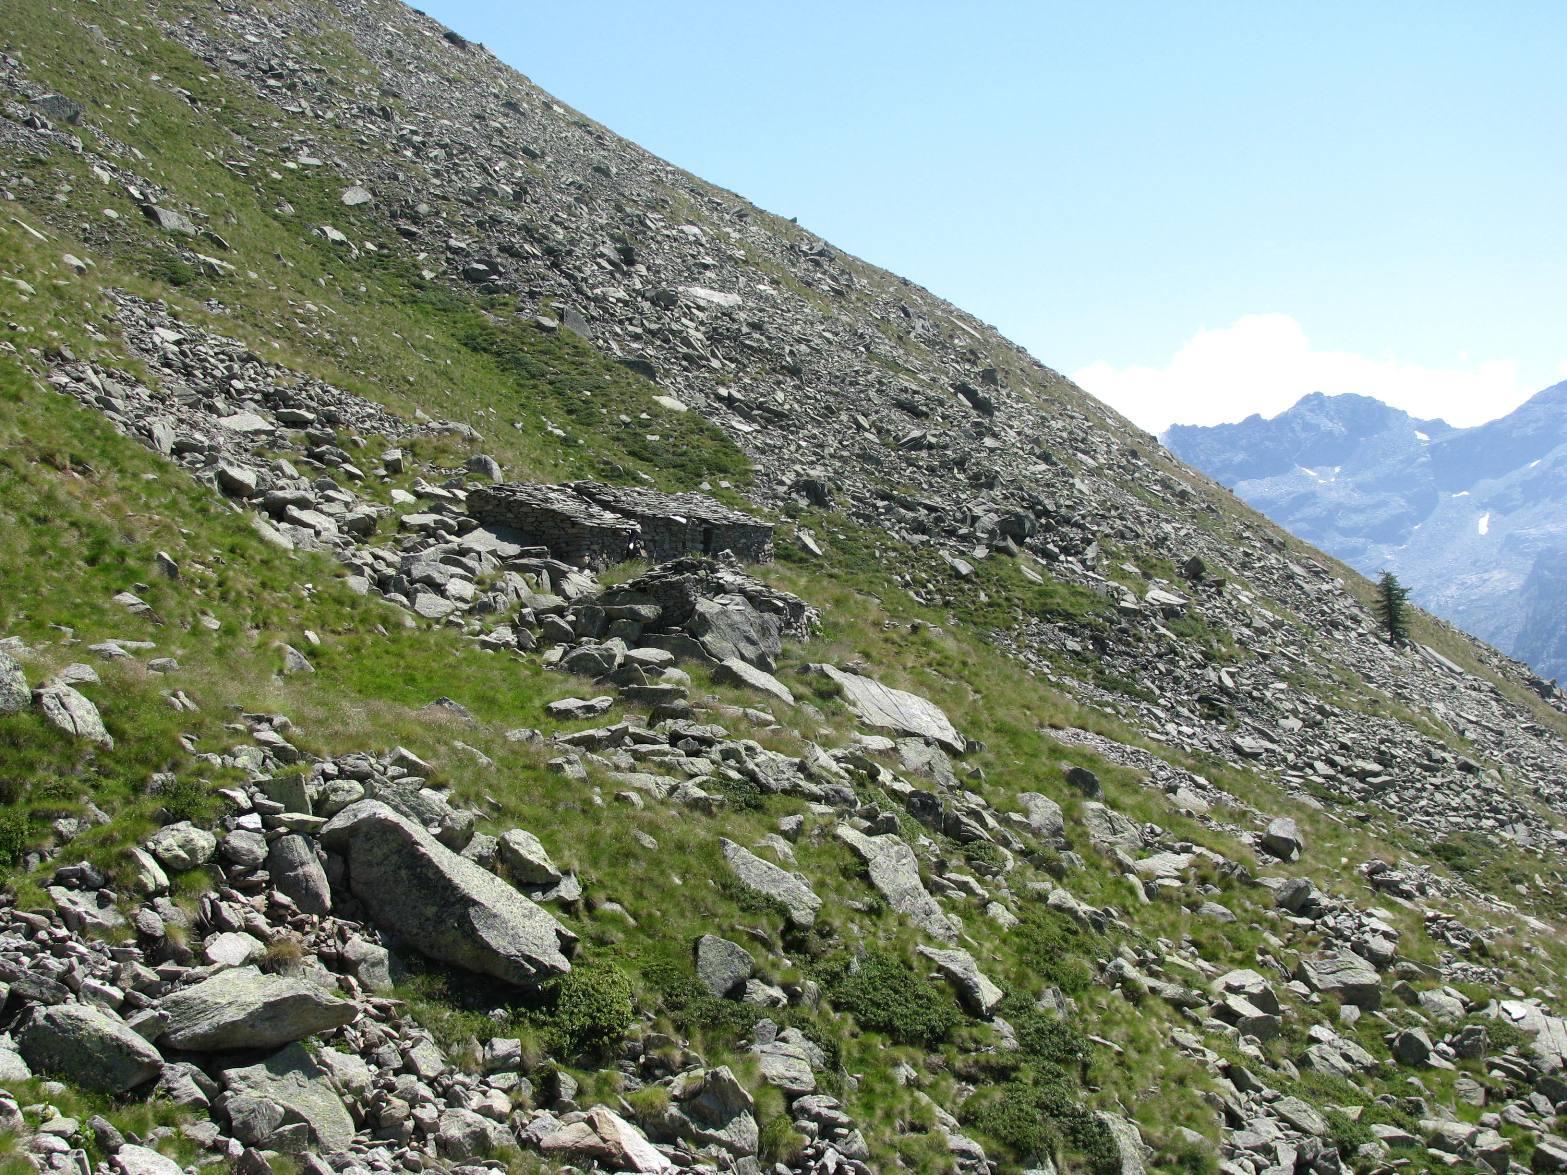 Arrivo alle baite dell'Alpe Maon